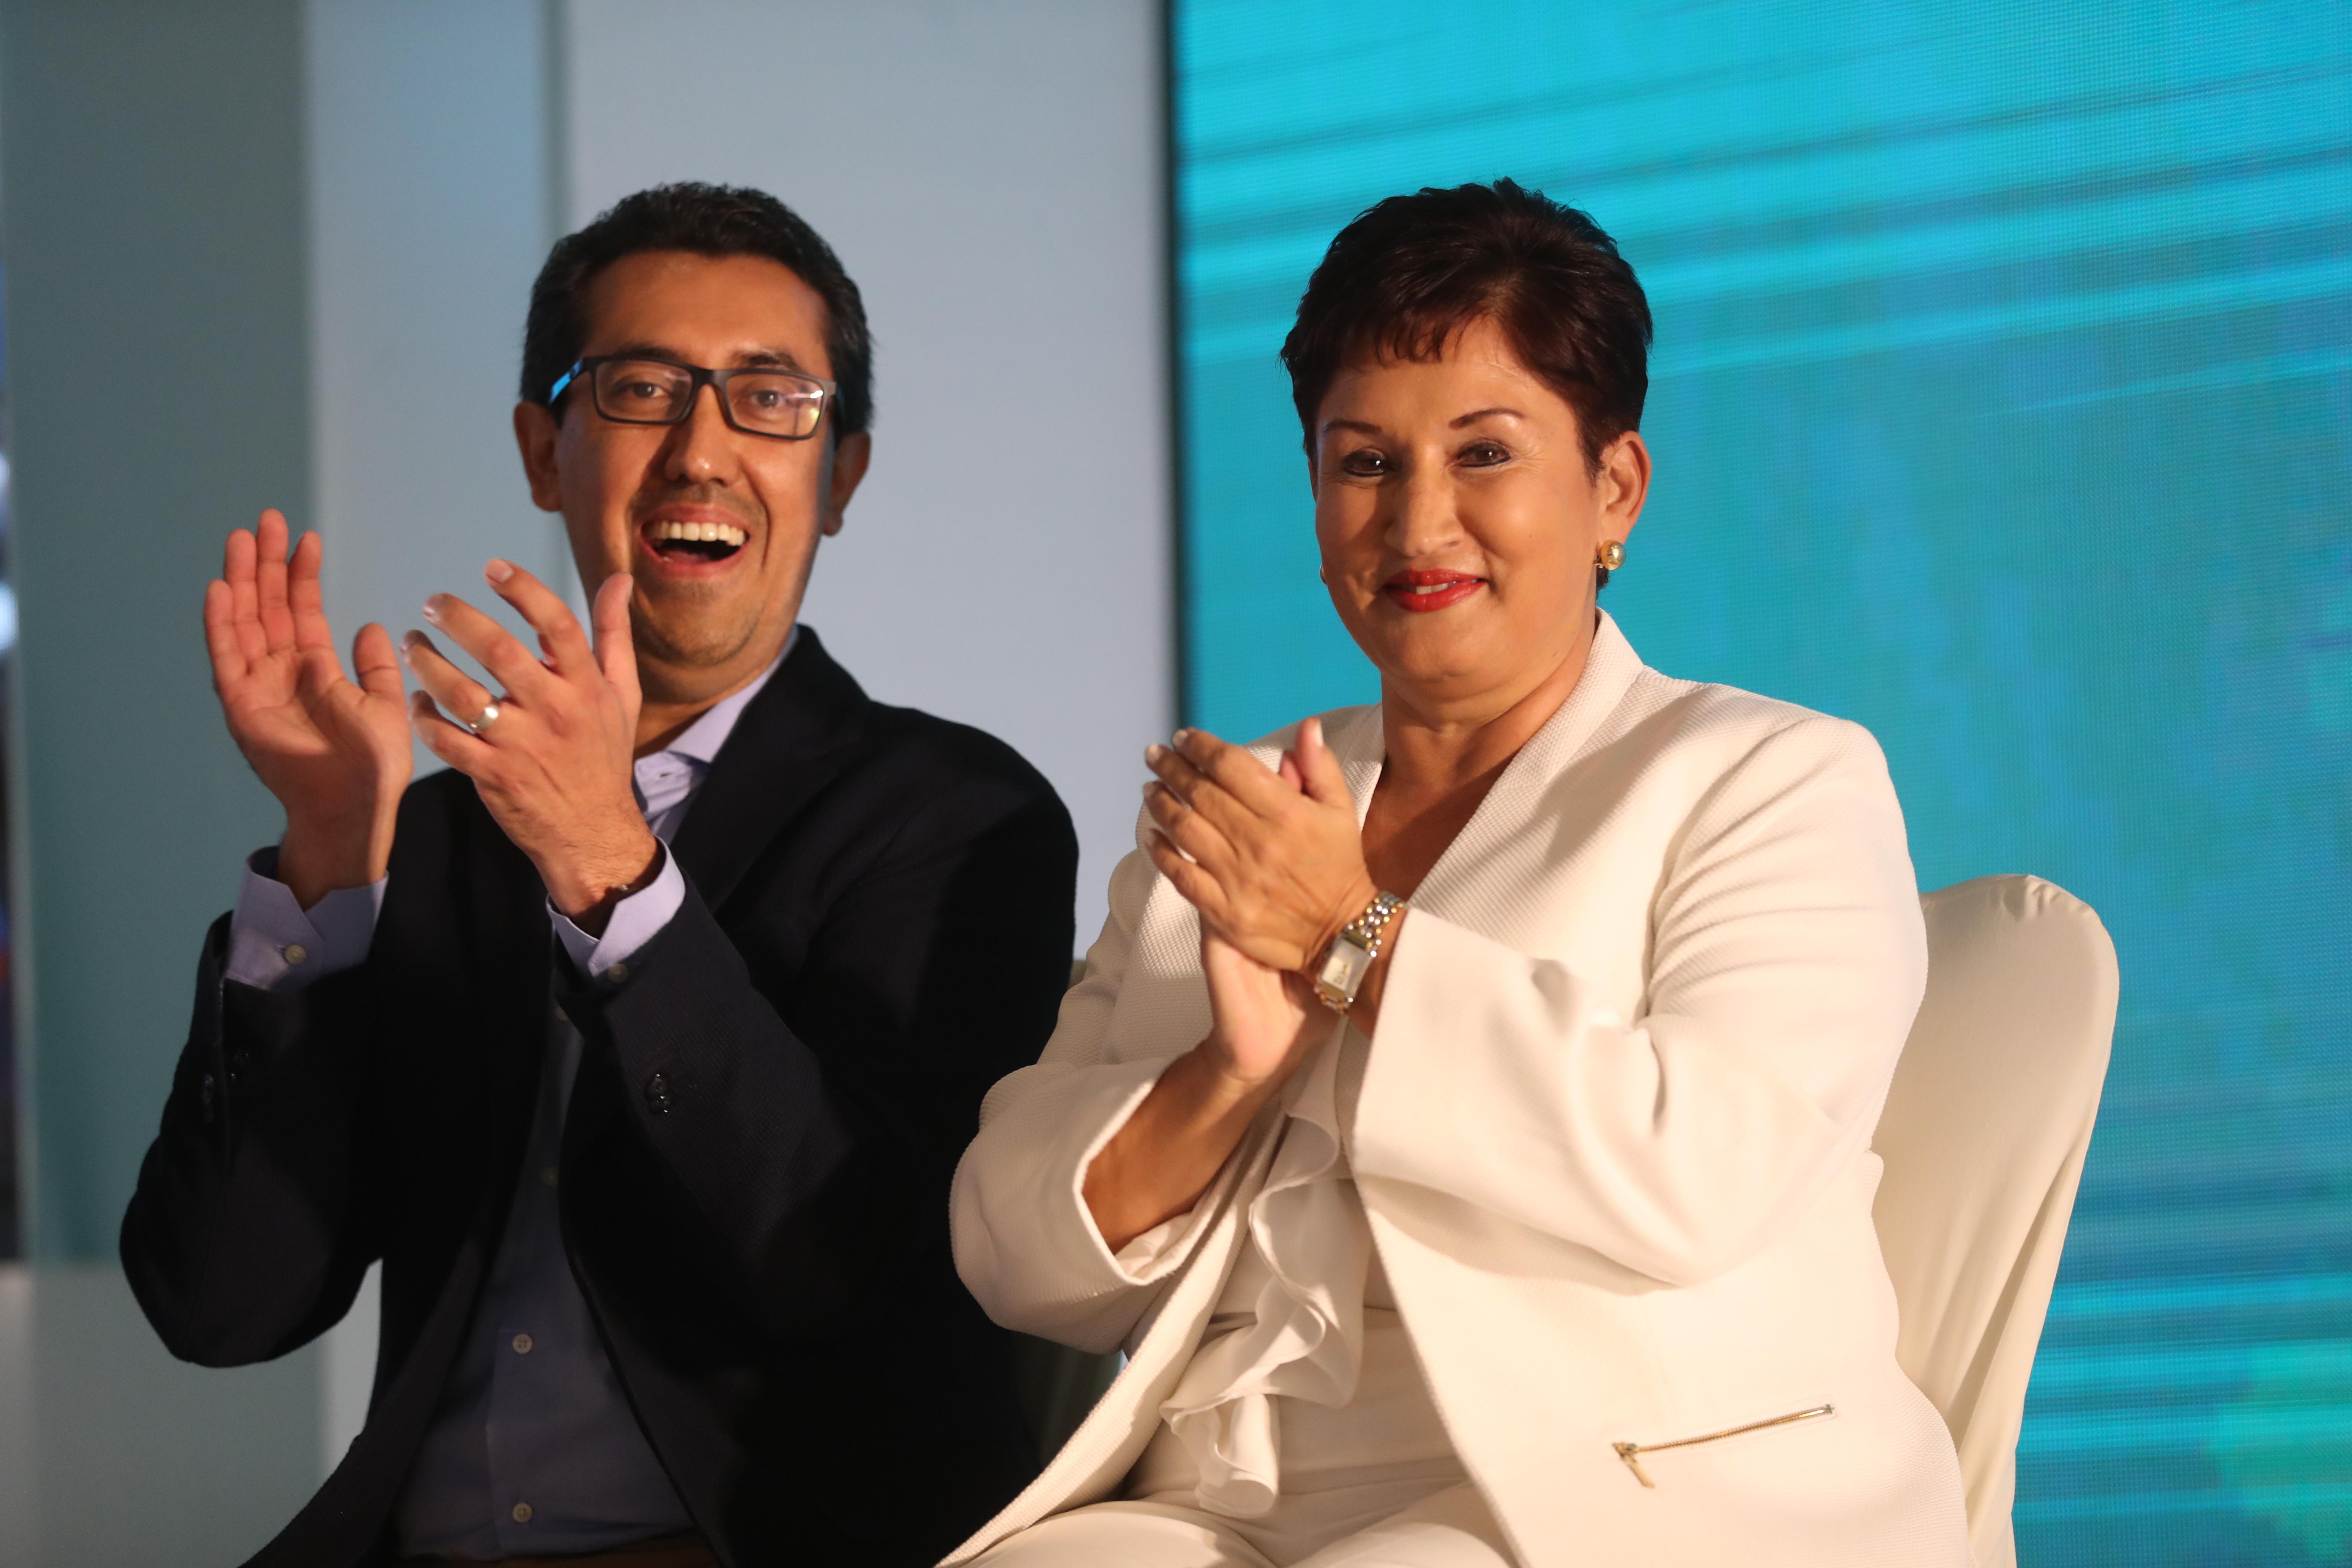 La exfiscal Thelma Aldana y el economista Jonathan Menkos son proclamados como binomio presidencial del Movimiento Semilla, partido que llevo  a cabo su Asamblea Nacional Extraordinaria.                                                                                            Fotograf'a Esbin Garcia 10-03- 2019.